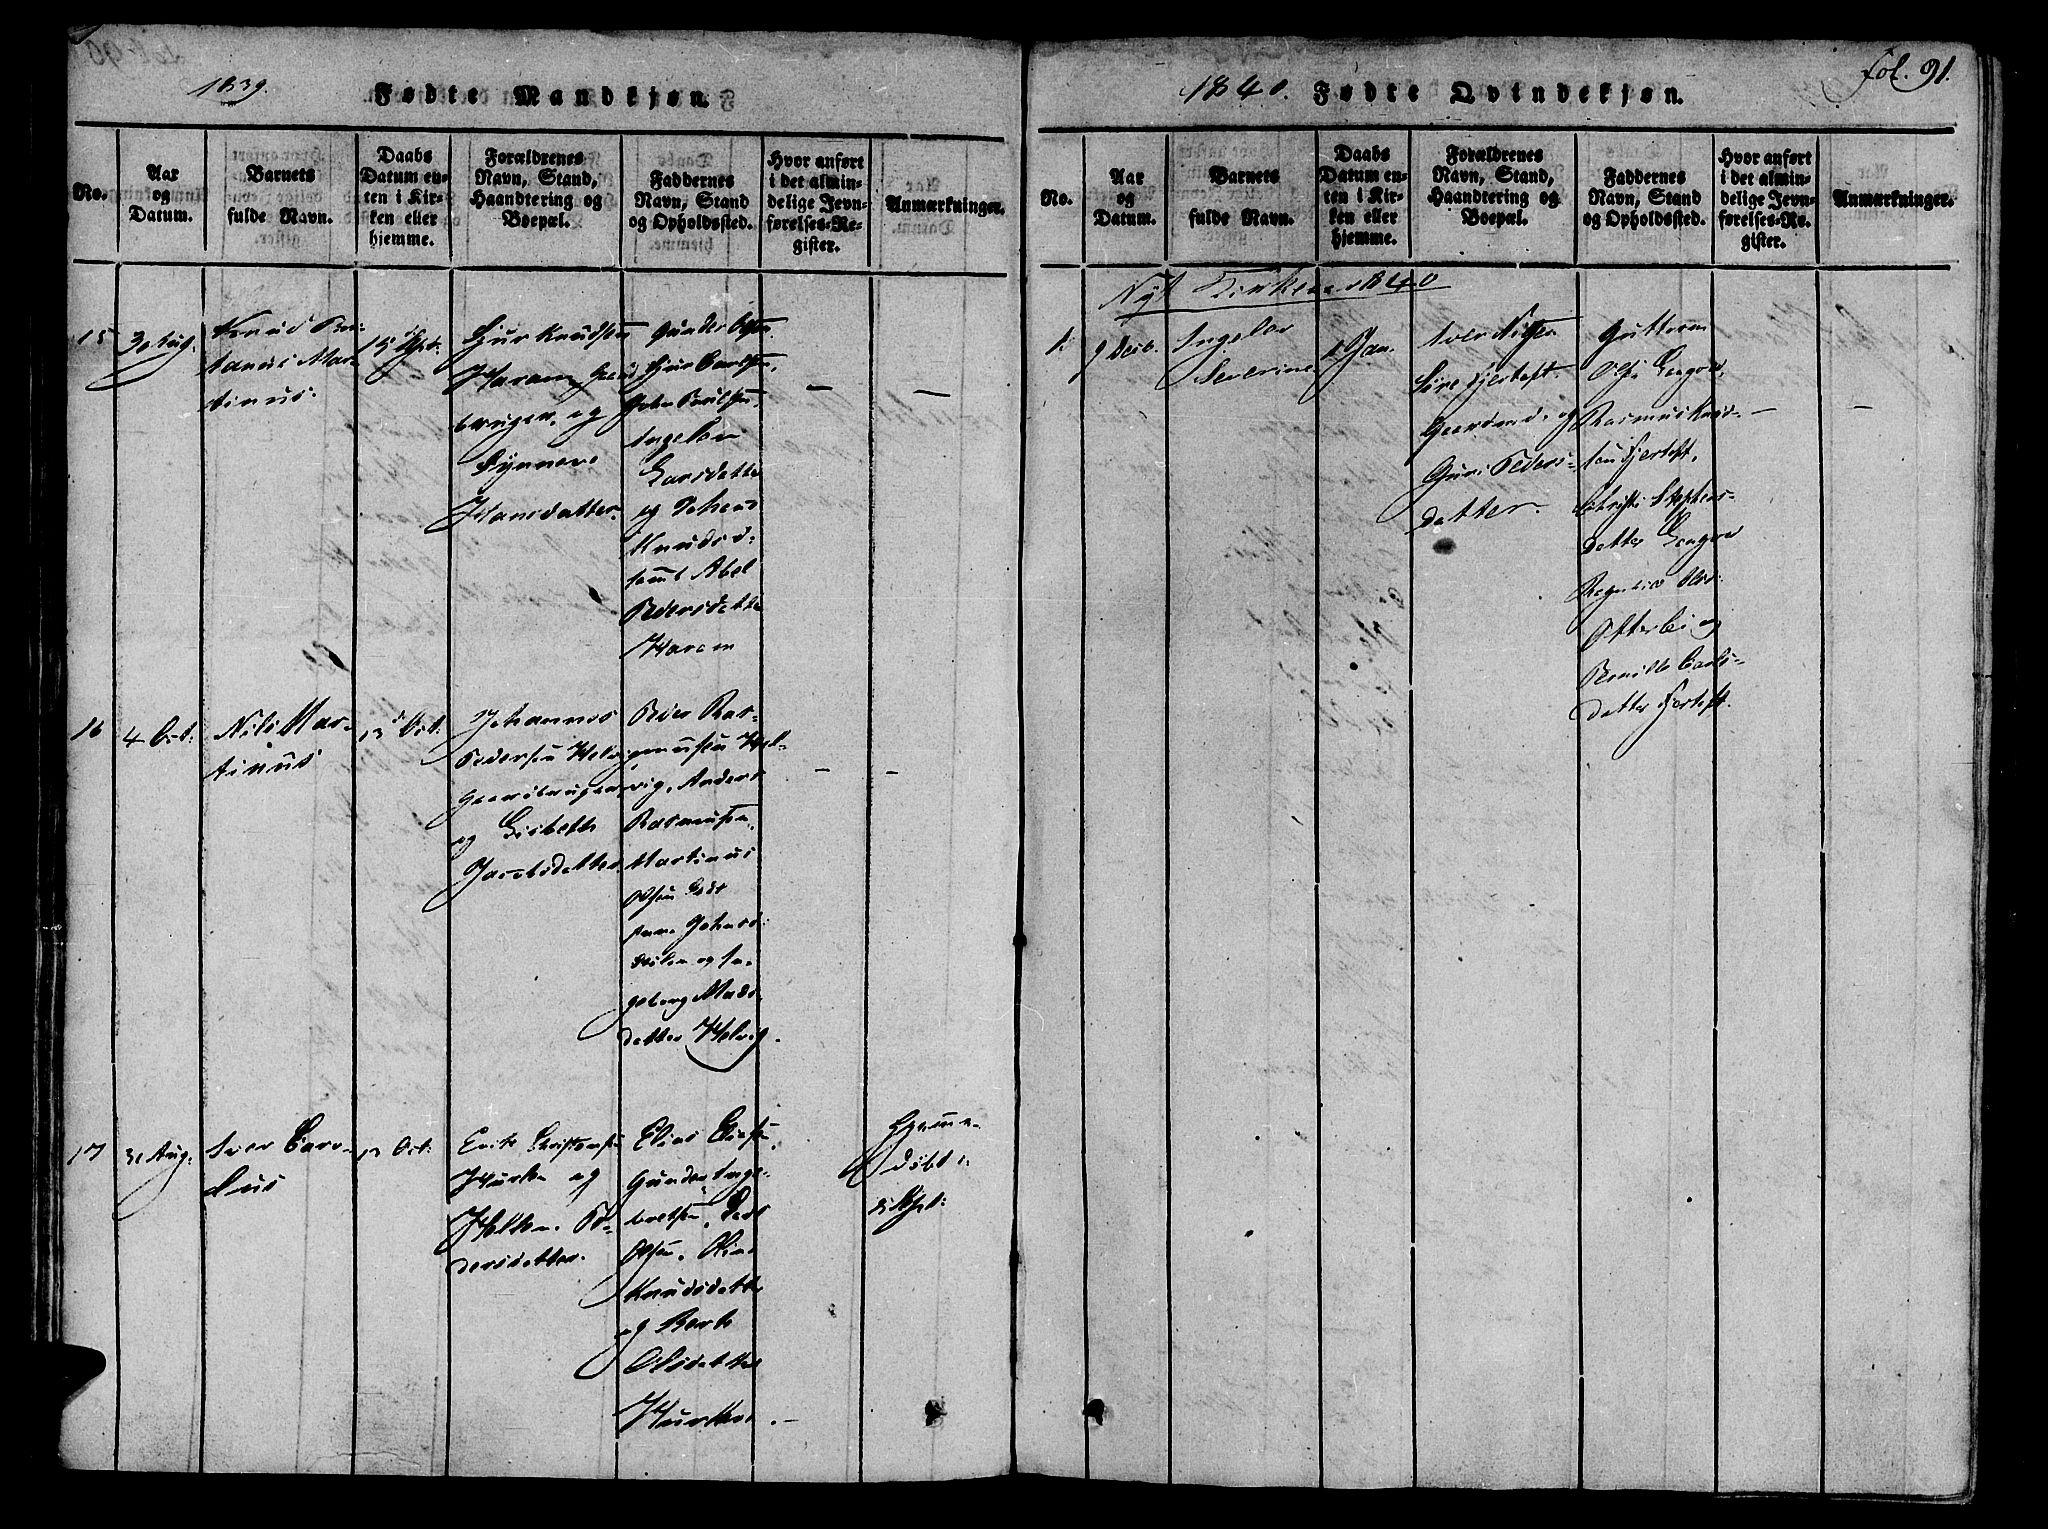 SAT, Ministerialprotokoller, klokkerbøker og fødselsregistre - Møre og Romsdal, 536/L0495: Ministerialbok nr. 536A04, 1818-1847, s. 91